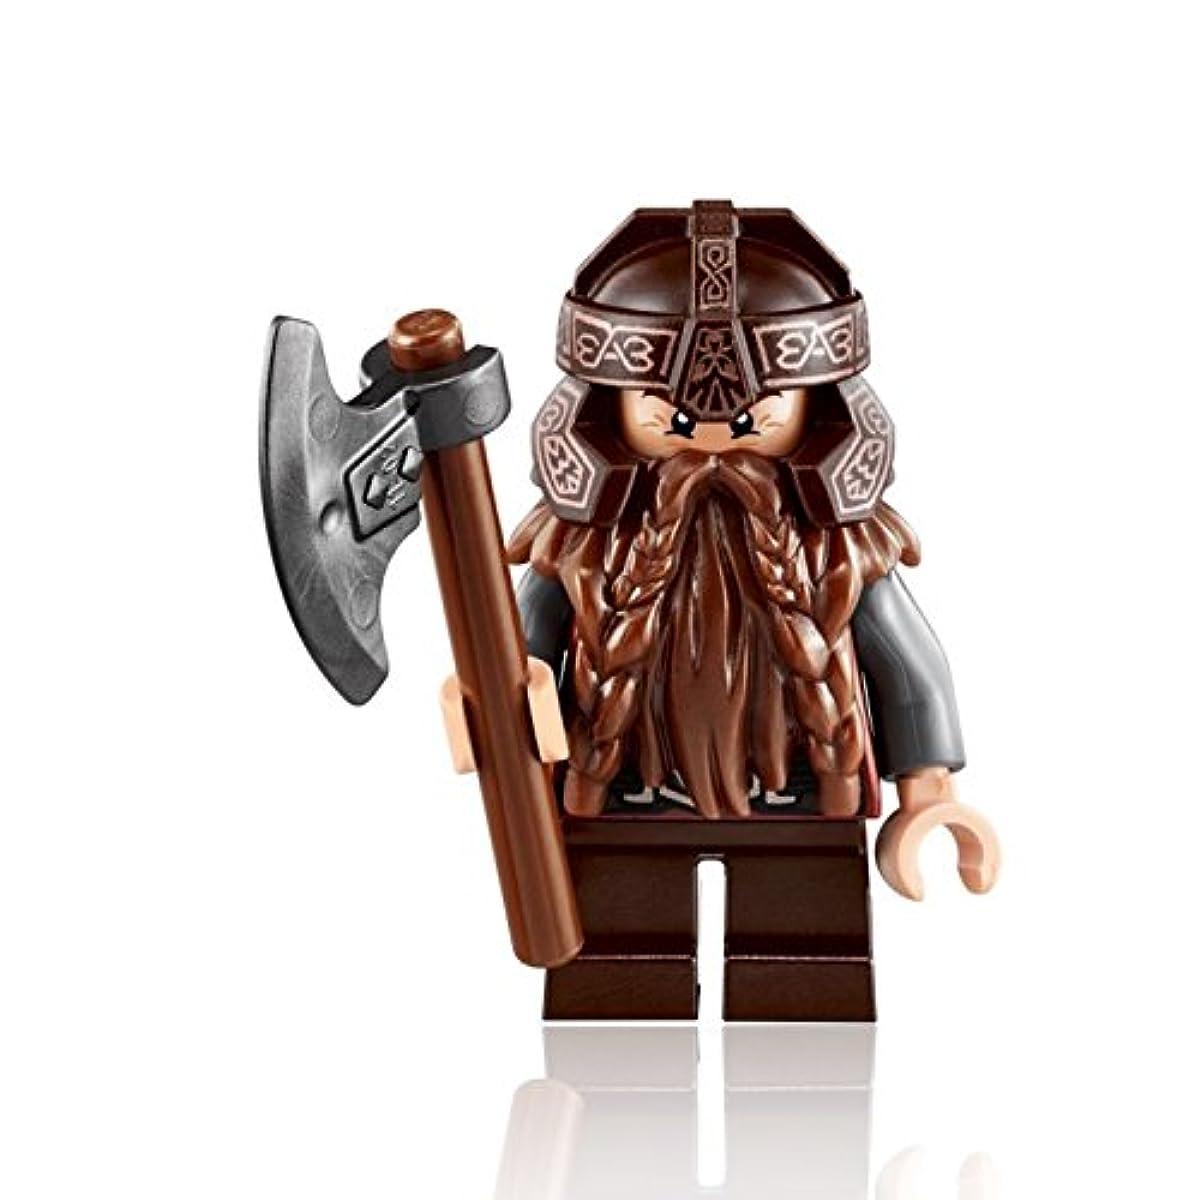 [해외] LEGO: LORD OF THE RINGS (2013) - GIMLI - LOOSE MINI FIGURE